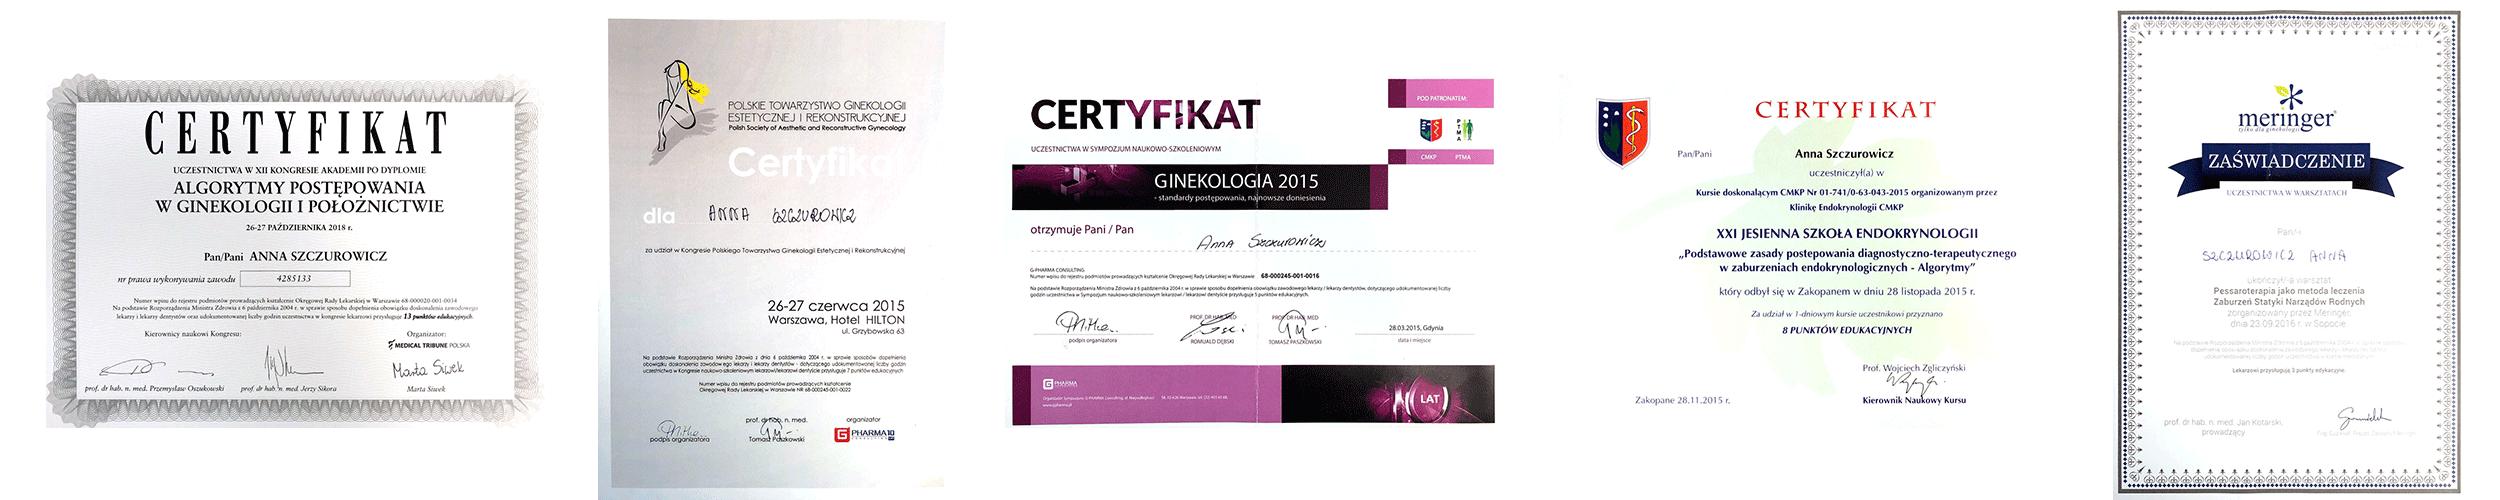 certyfikaty-anna-szczurowicz-ginekolog-poloznik-gdansk-wrzeszcz